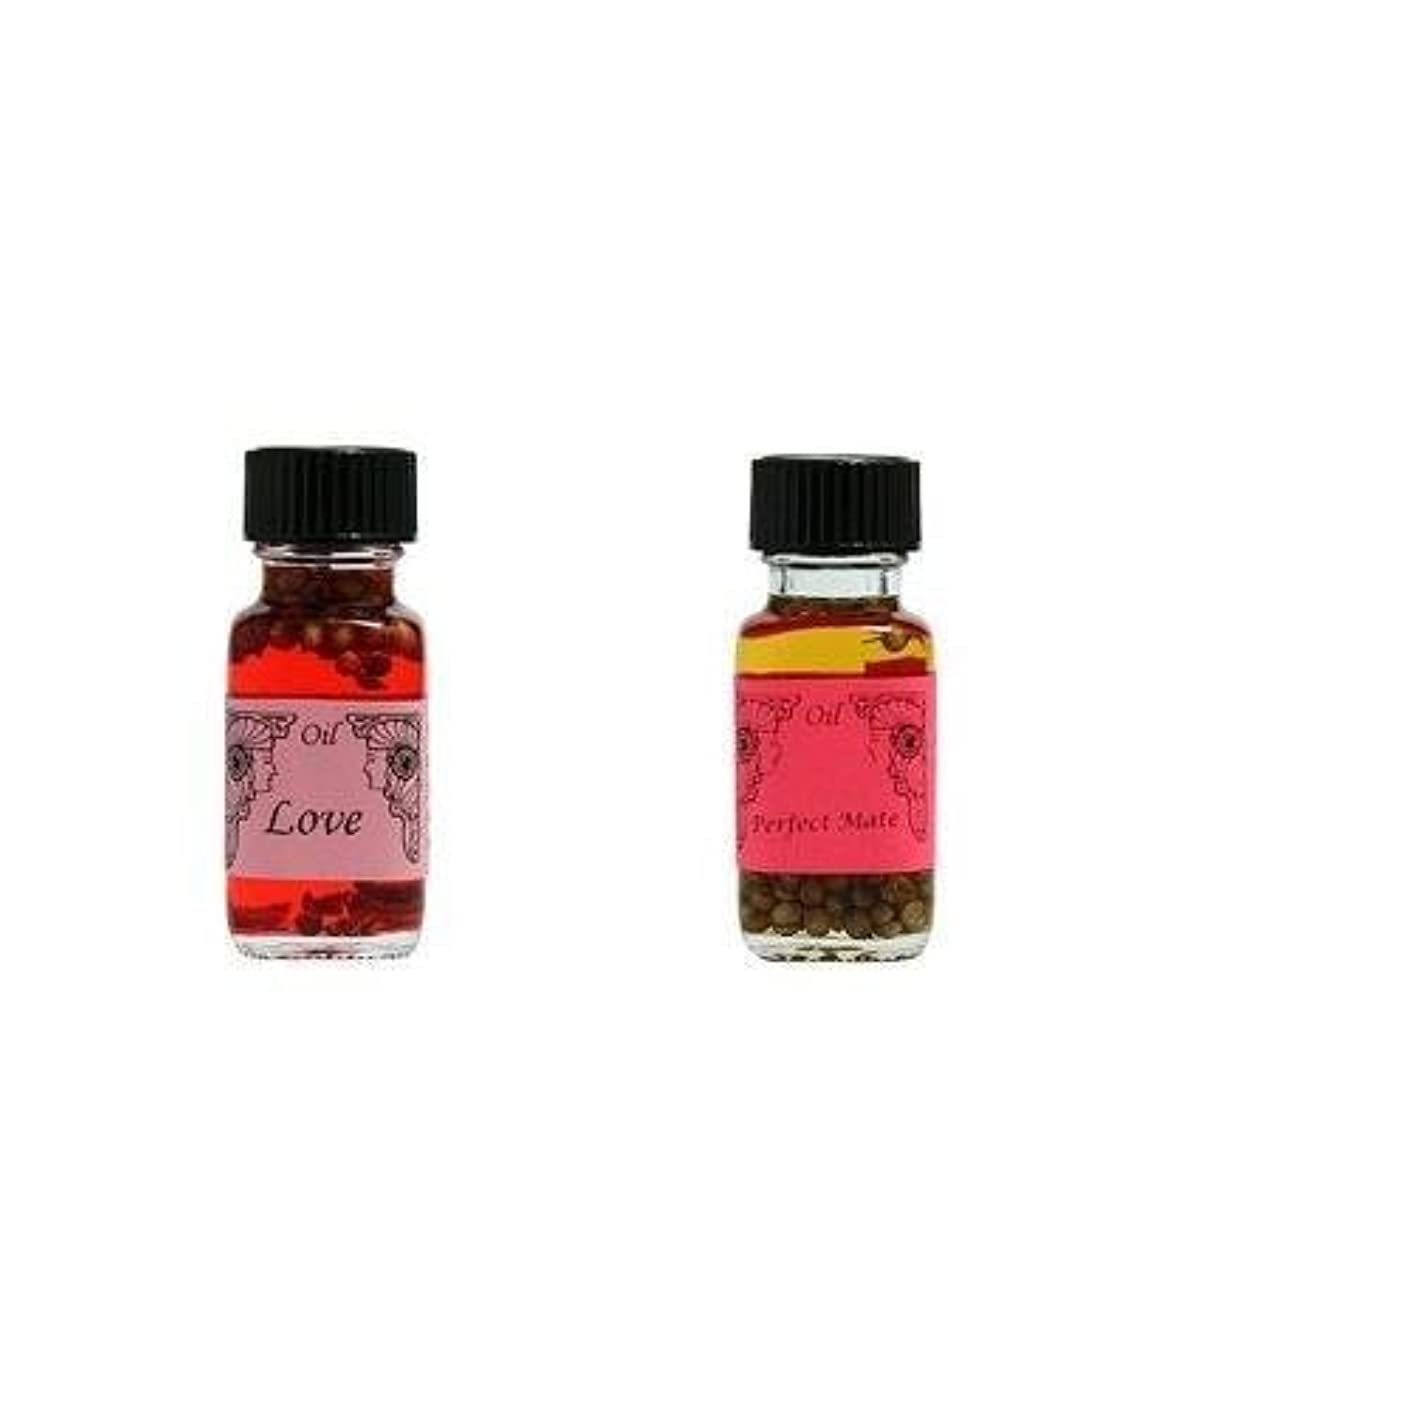 到着放置速記【愛】+【パートナー】Ancient Memory Oils 【人気の2点セット】アンシェントメモリーオイル【LOVE】 +【PERFECT MATE】 【海外直送品】